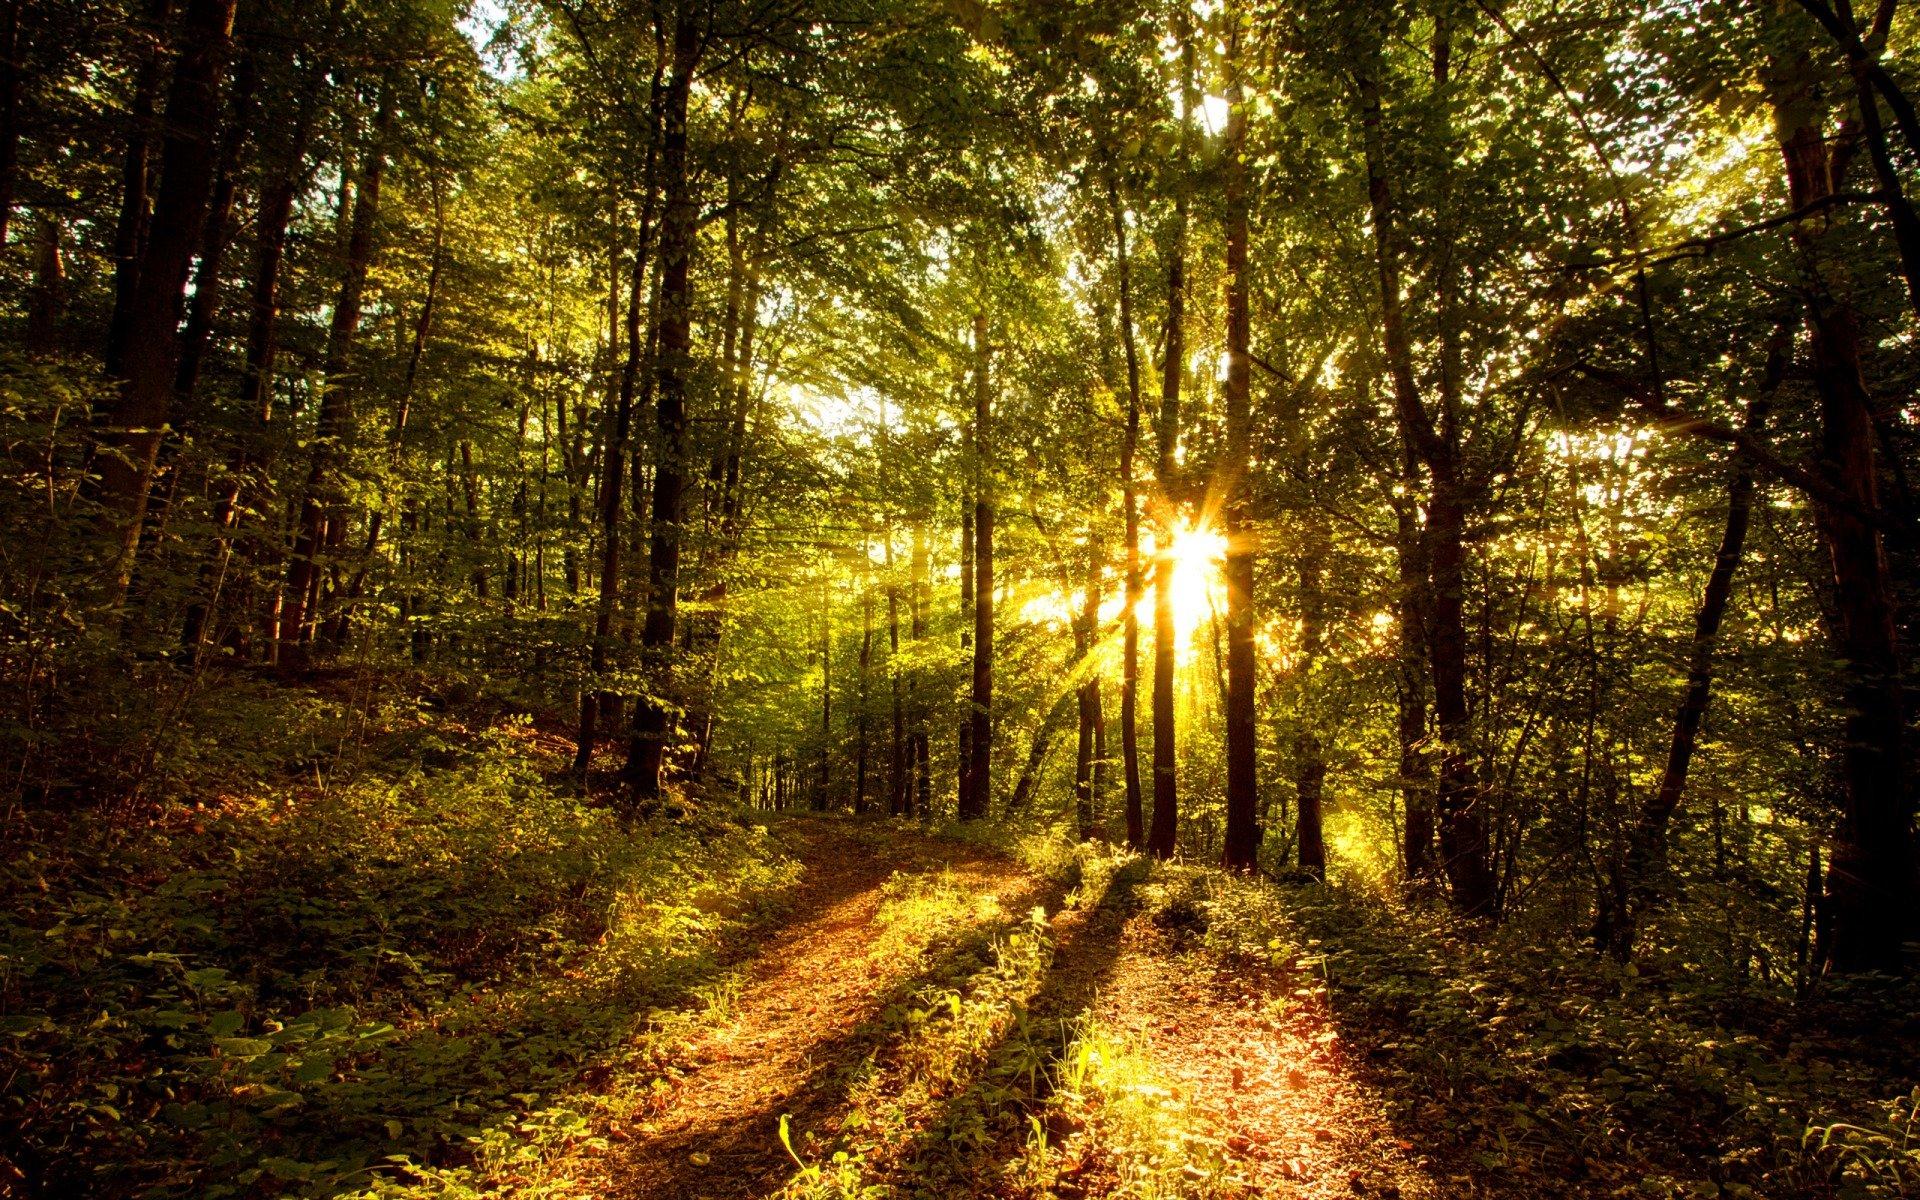 Forest Sun Wallpaper HD